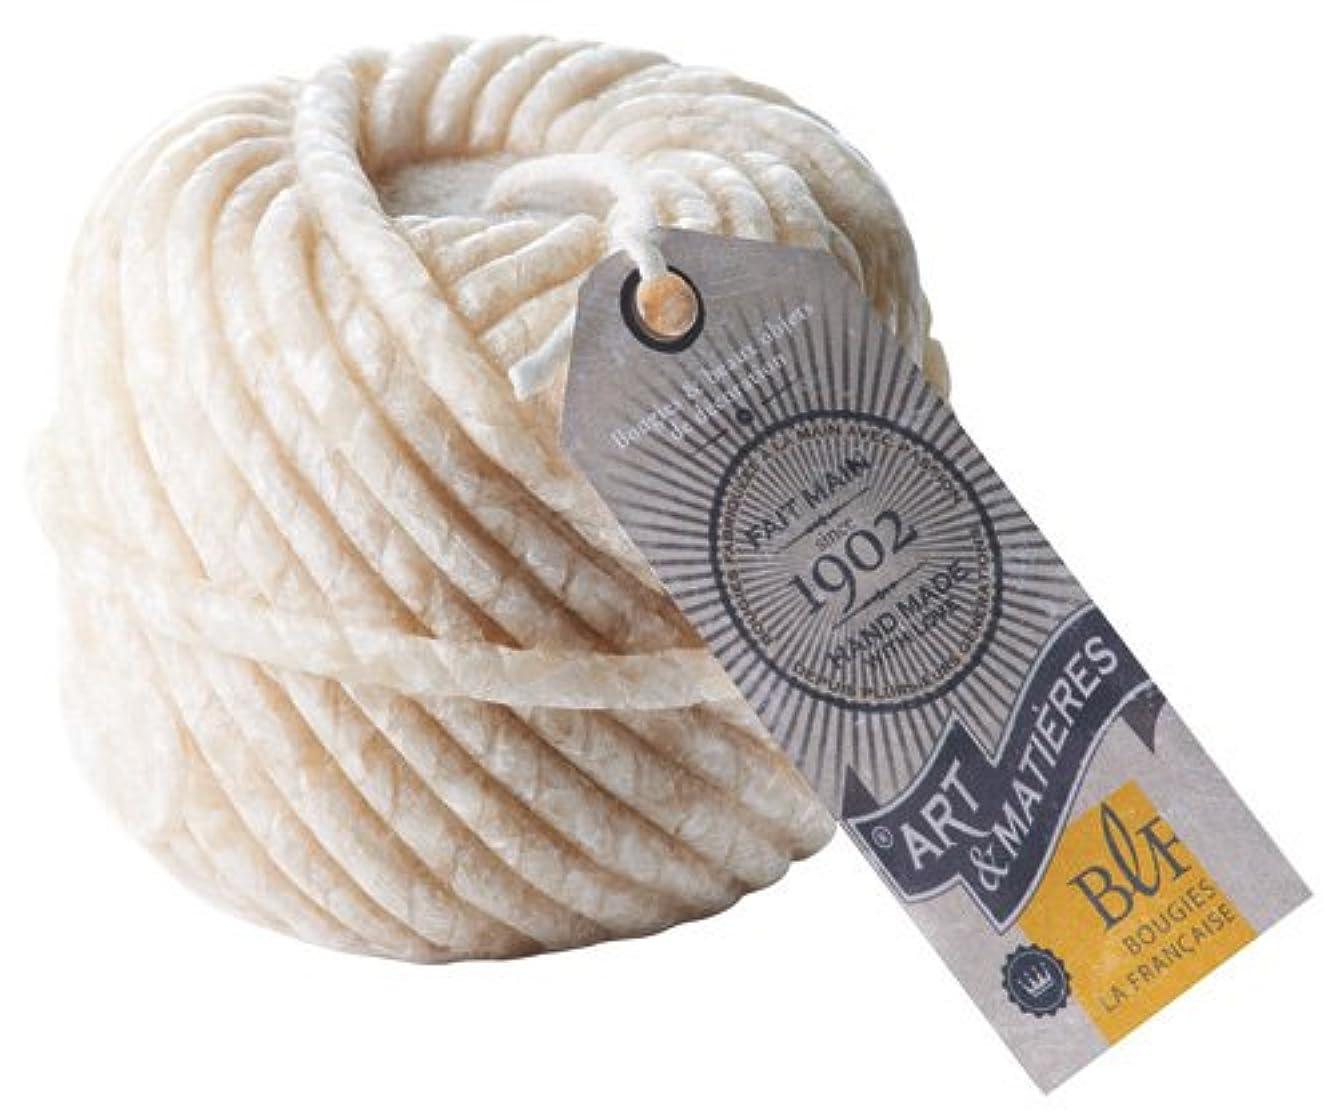 シード漁師商品ブジ?ラ?フランセーズ 本物の毛糸玉のような ウールボールキャンドル ホワイト